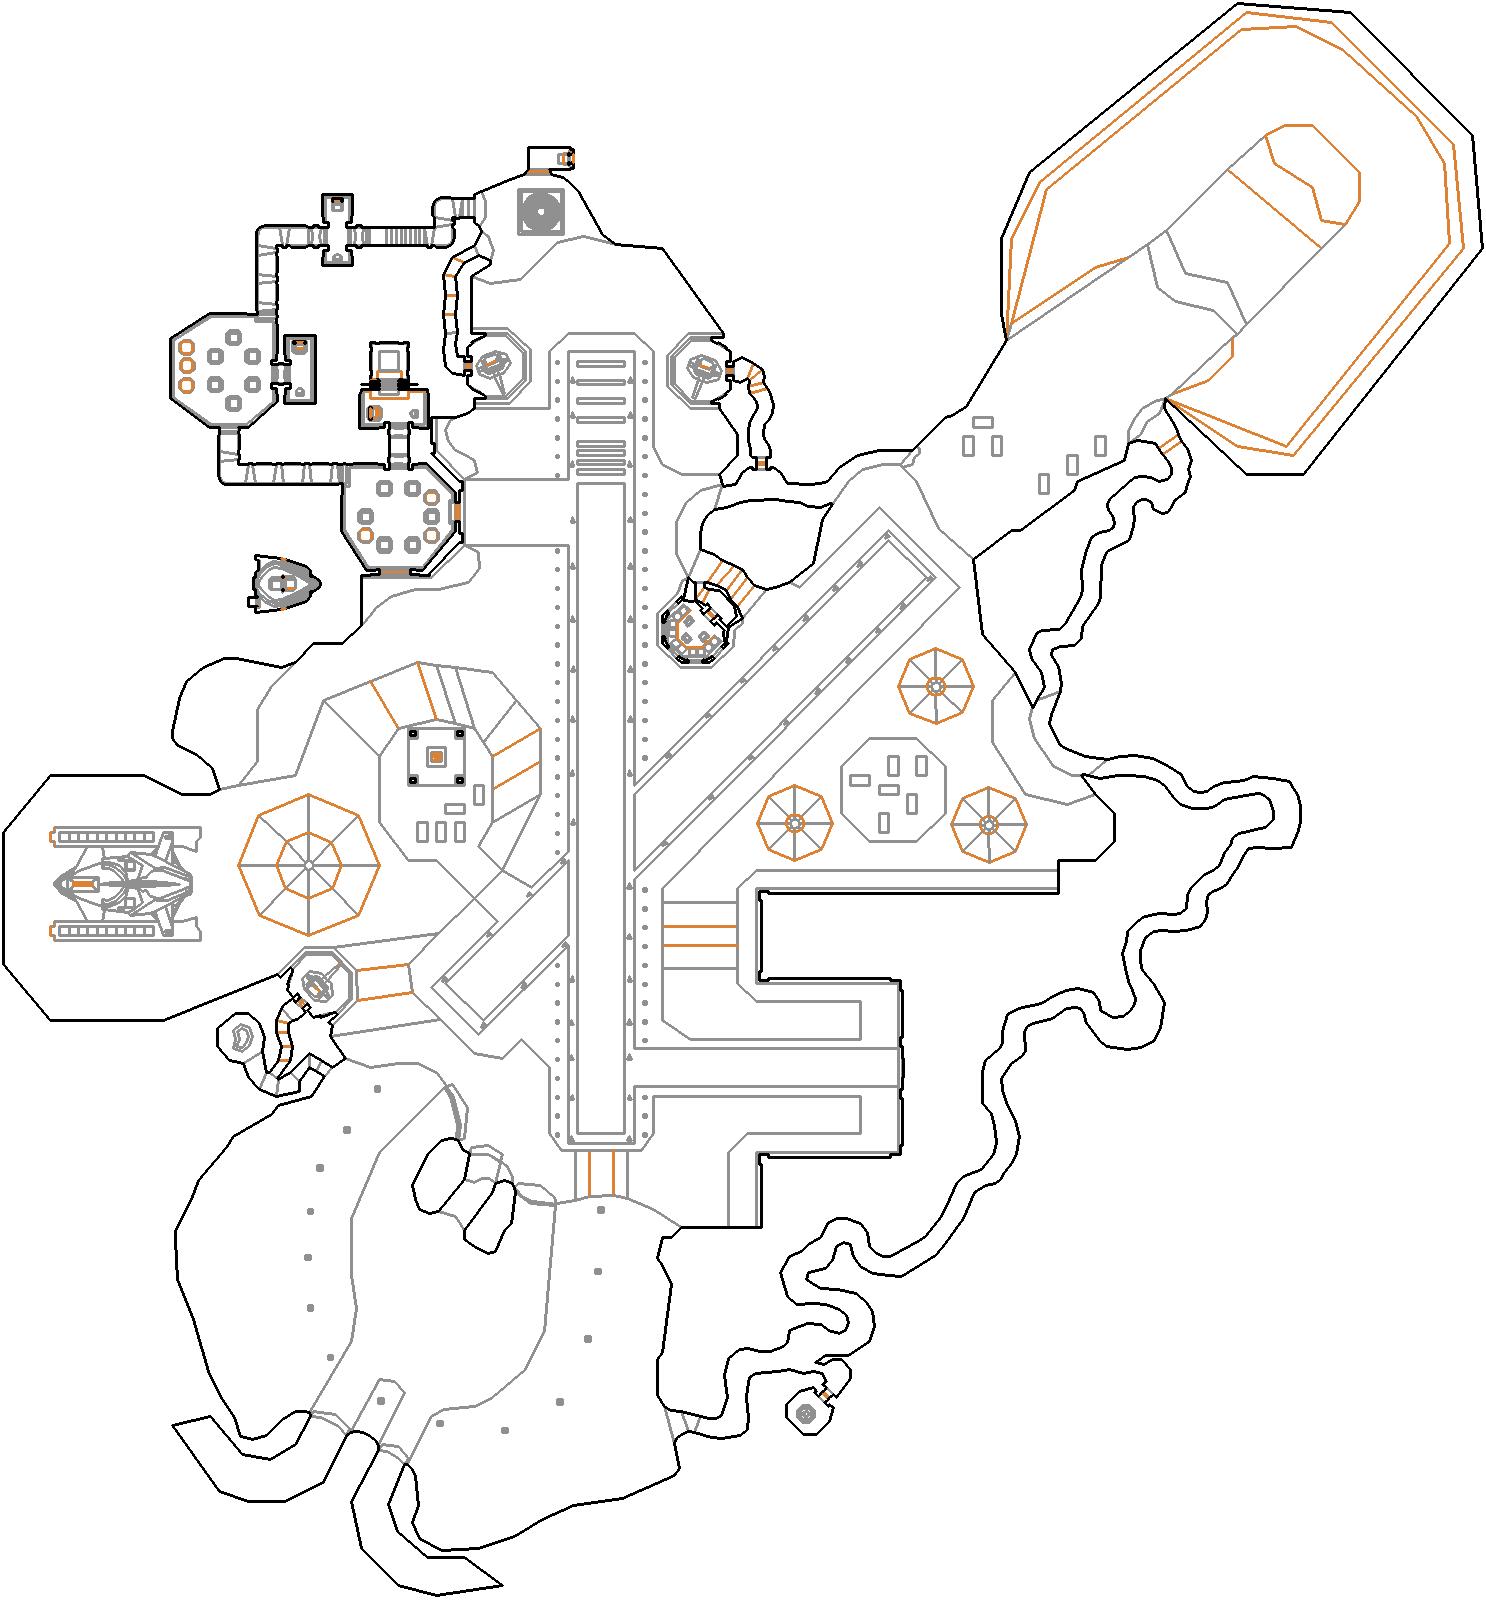 Map21 Landing Site Daedalus Alien Defense